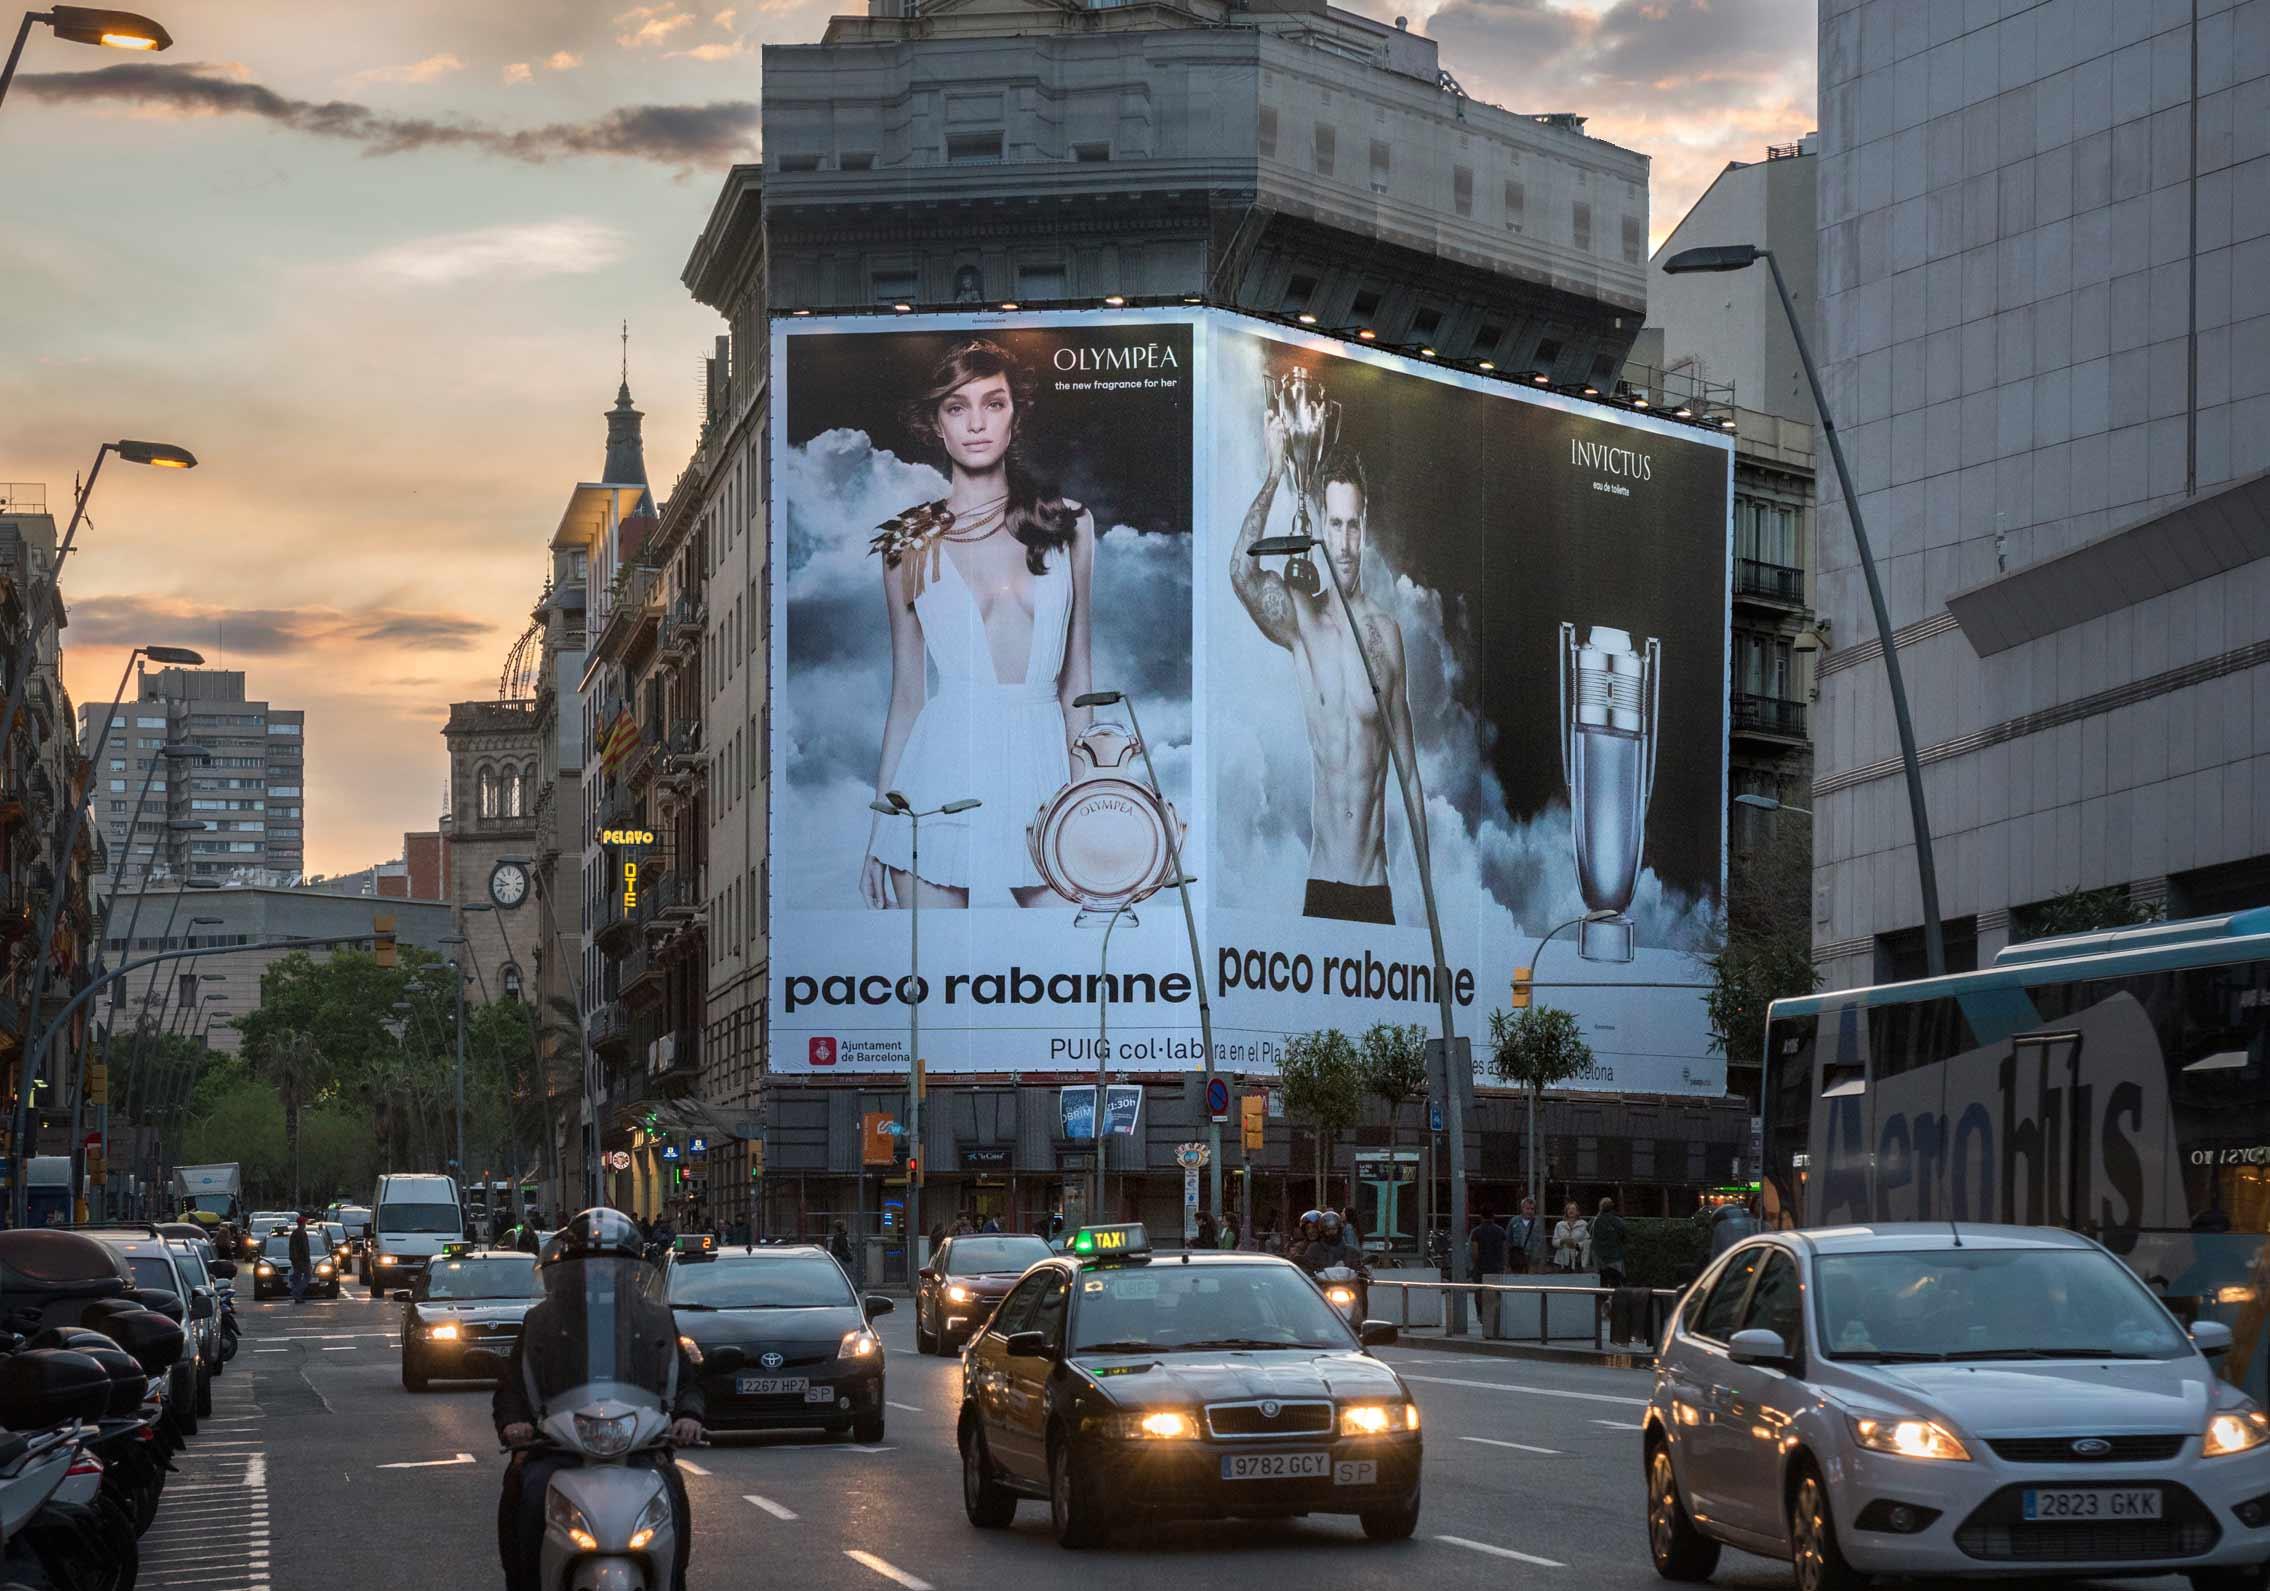 lona-publicitaria-barcelona-balmes-1-paco-rabanne-invictus-olympea-frontal-vsa-comunicacion